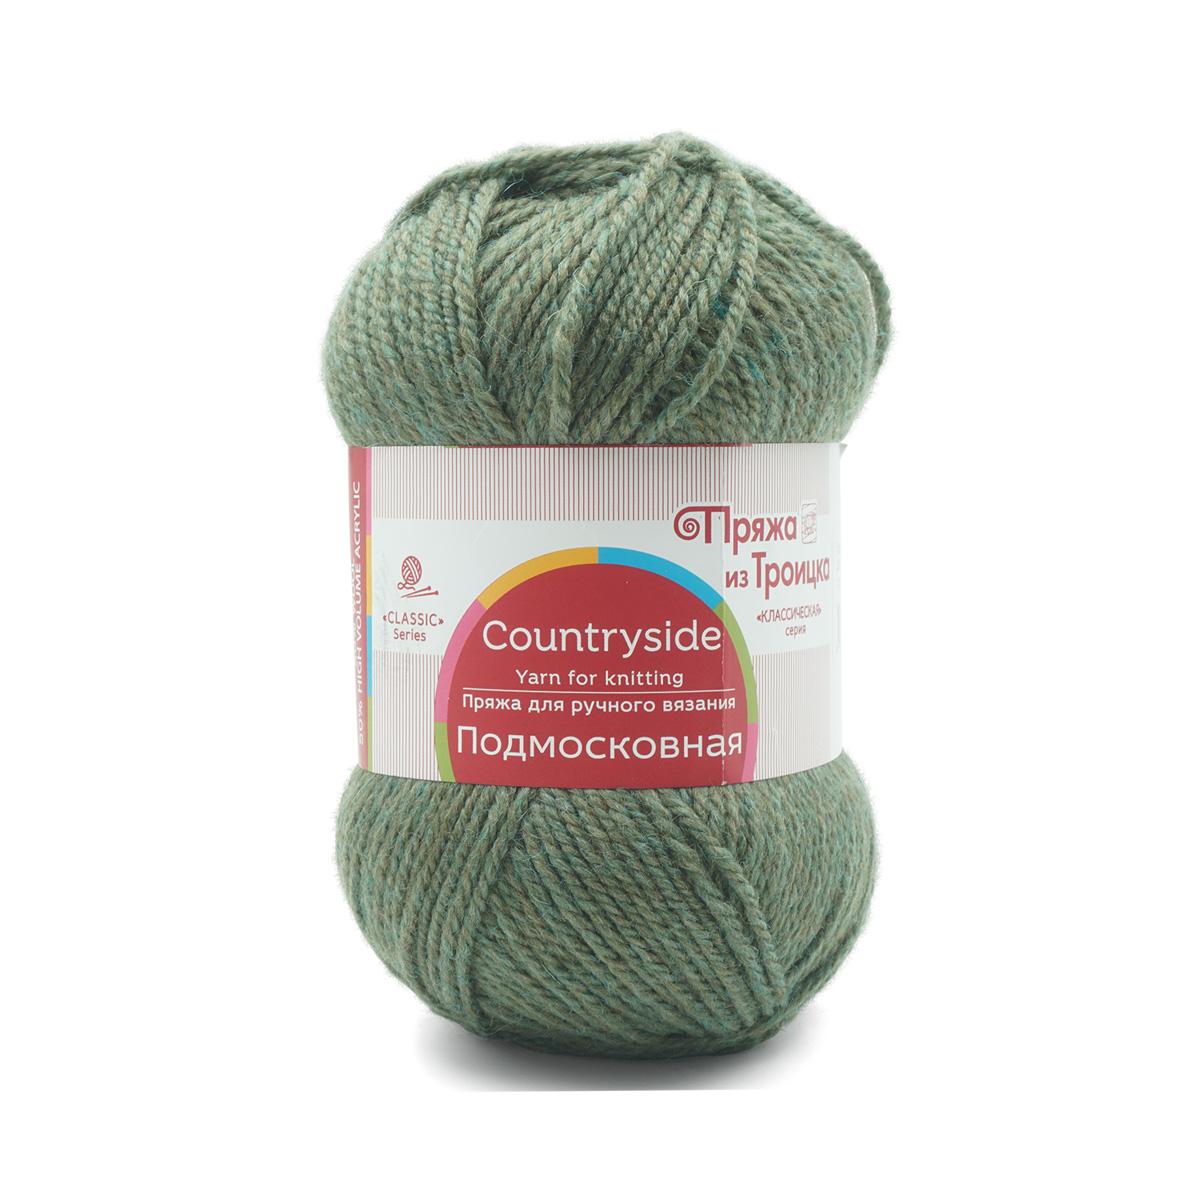 Пряжа из Троицка 'Подмосковная' (50%шерсть, 50%акрил)